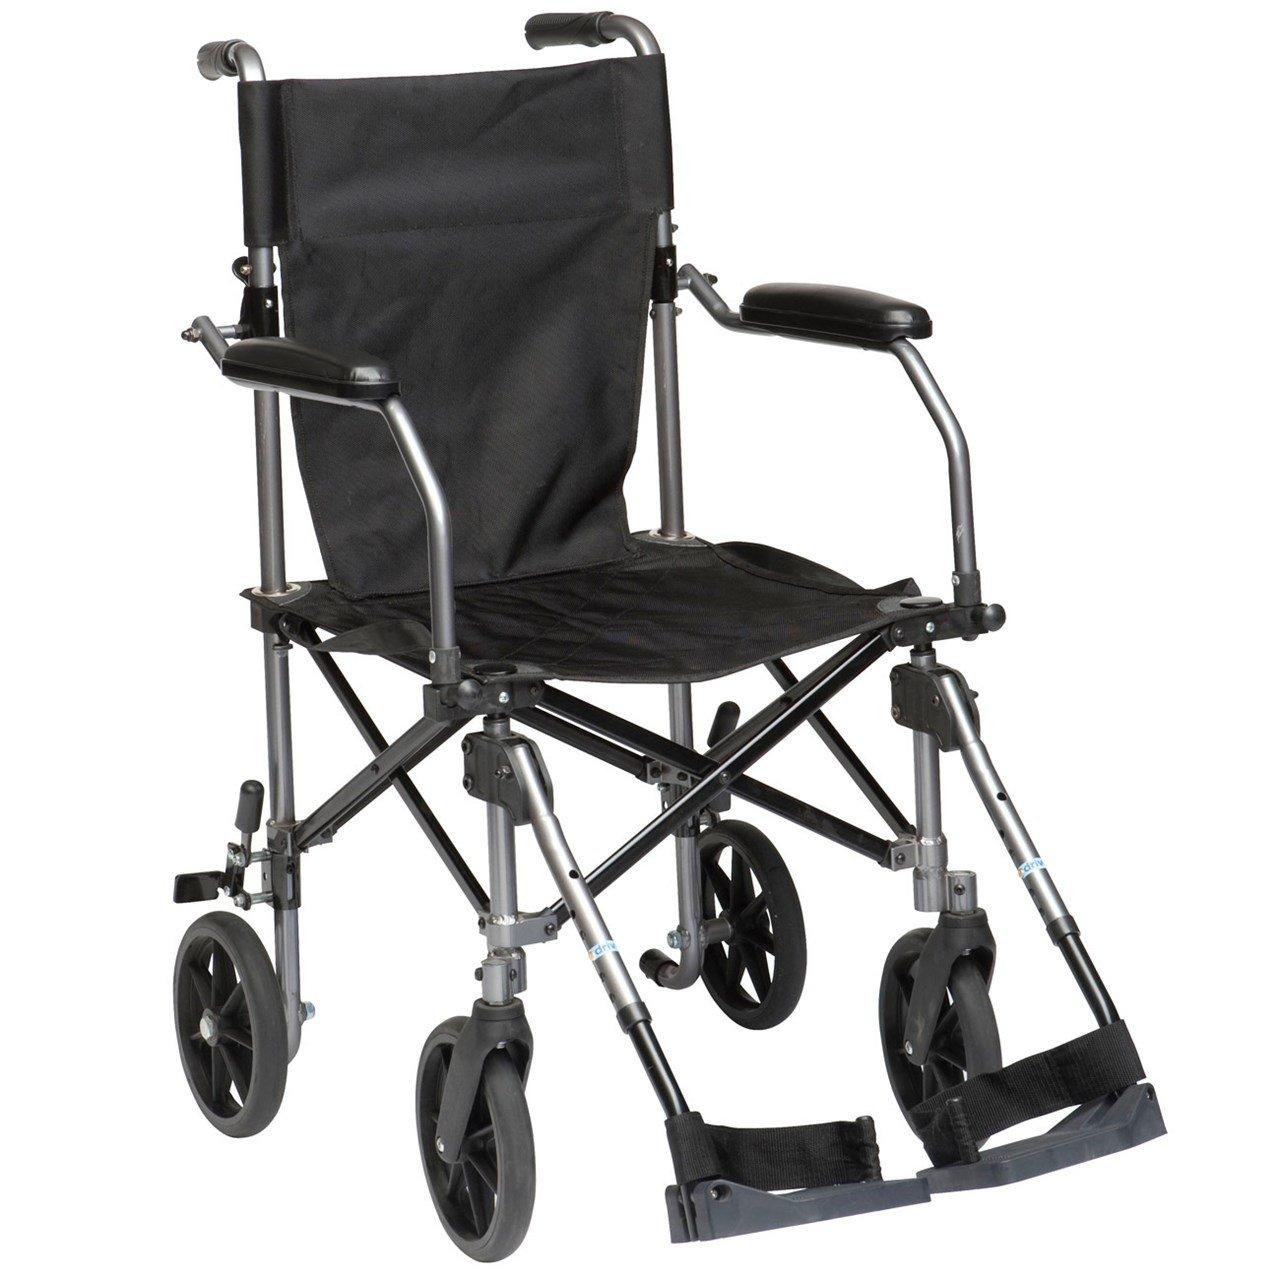 Drive Medical - Silla de ruedas de viaje: Amazon.es: Salud y cuidado personal